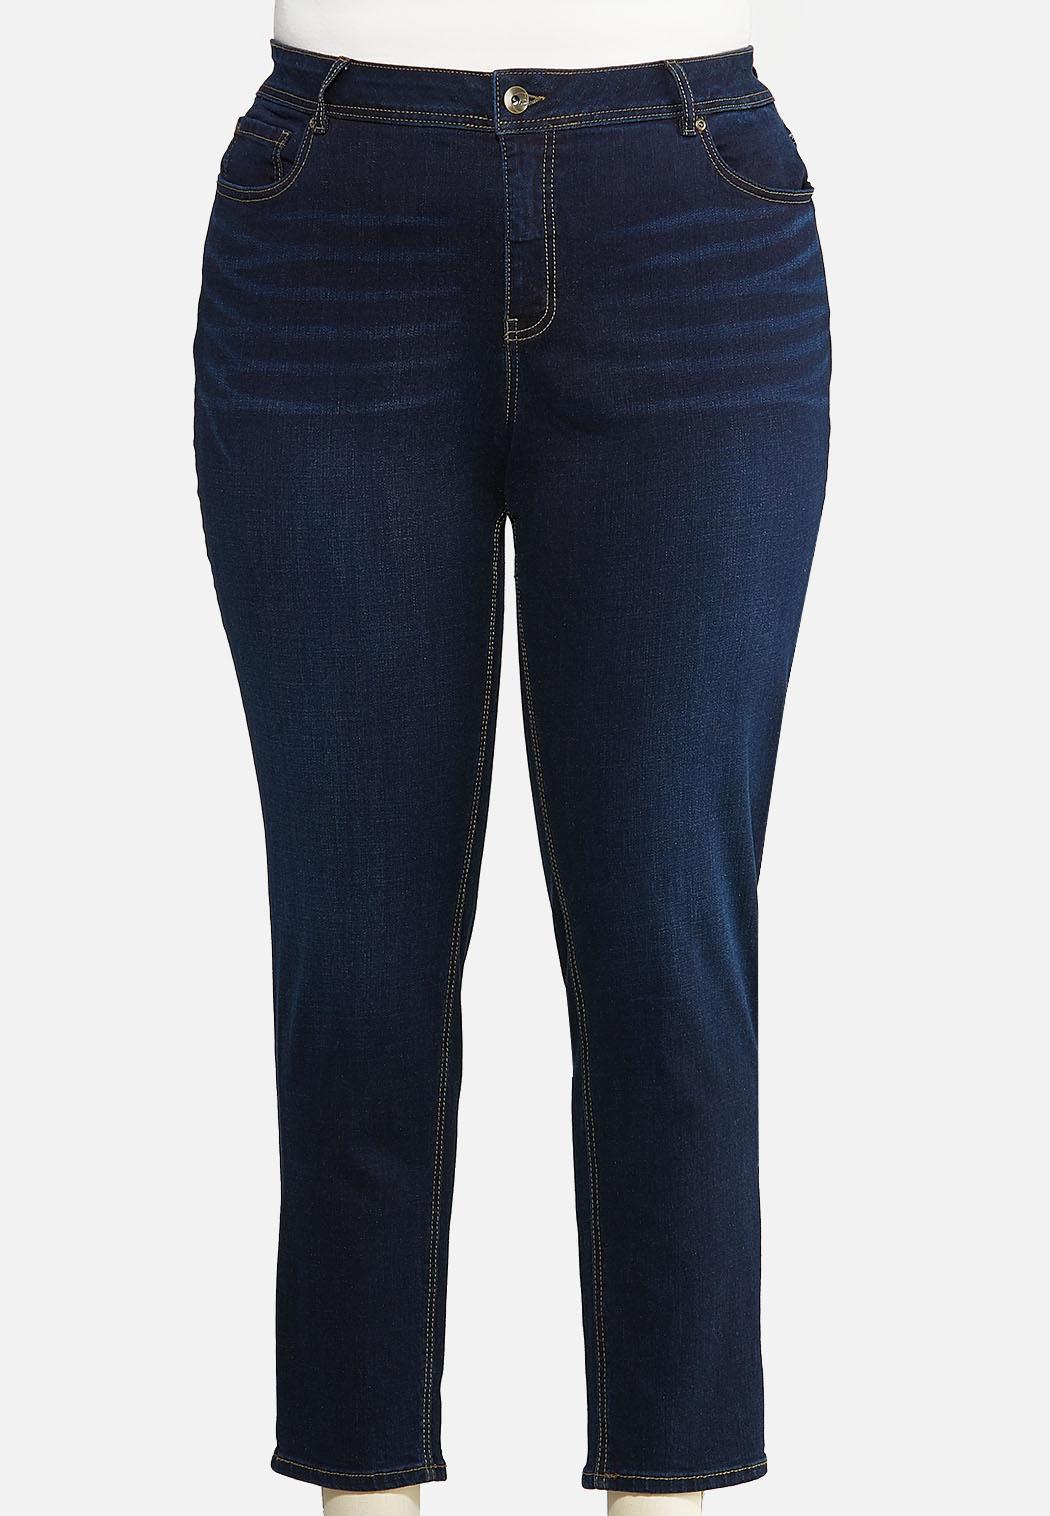 Plus Size Dark Skinny Jeans